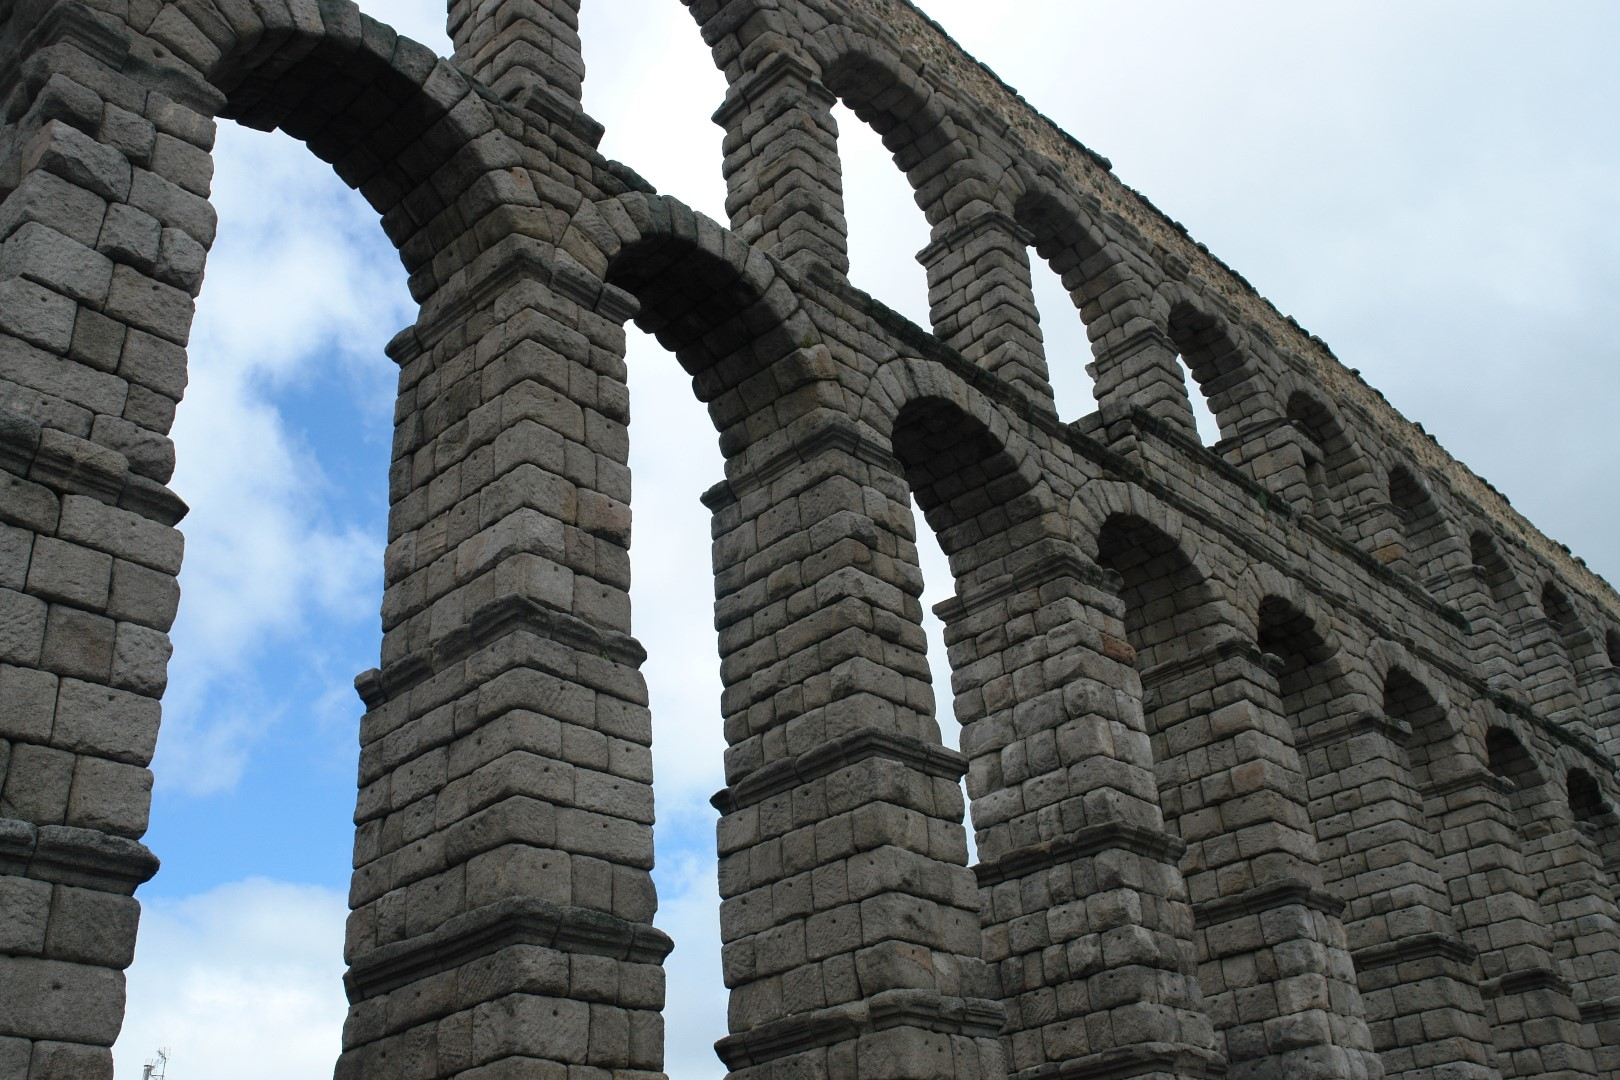 Qué ver Segovia, España qué ver en segovia - 30289239364 912b7768c7 o - Qué ver en Segovia, España